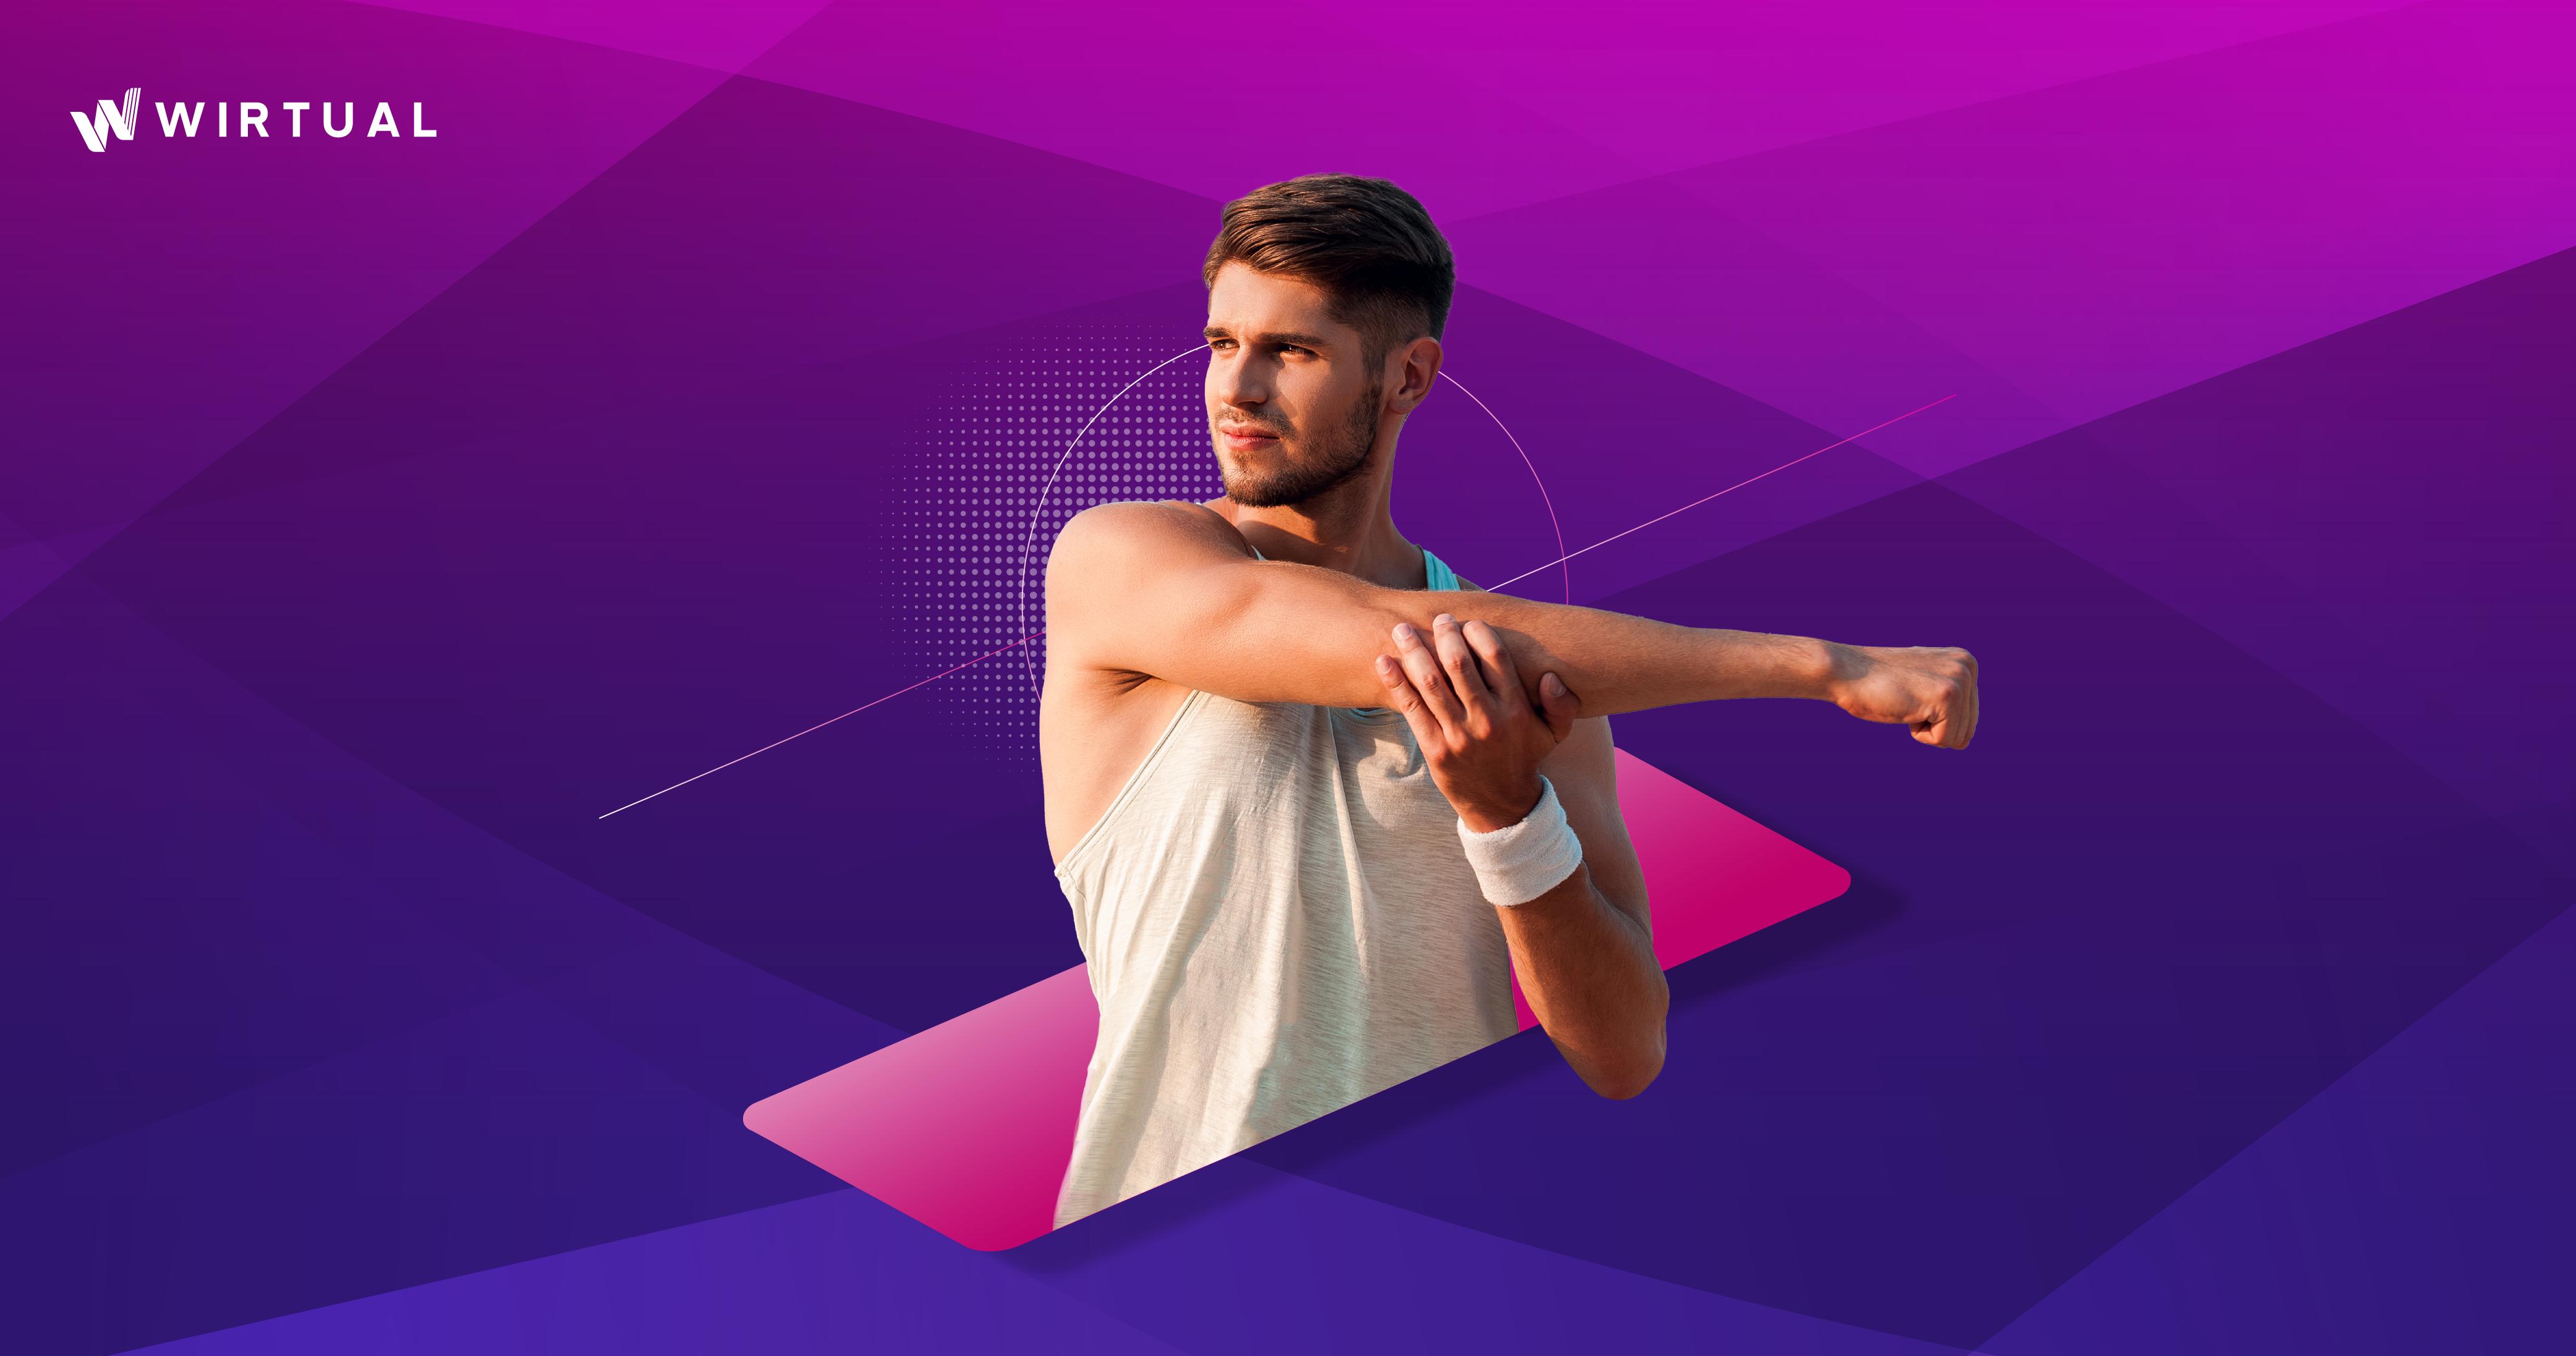 นักวิ่งมือใหม่ควรรู้ 7 เทคนิคฟื้นฟูร่างกายหลังฝึกซ้อมวิ่งอย่างหนัก